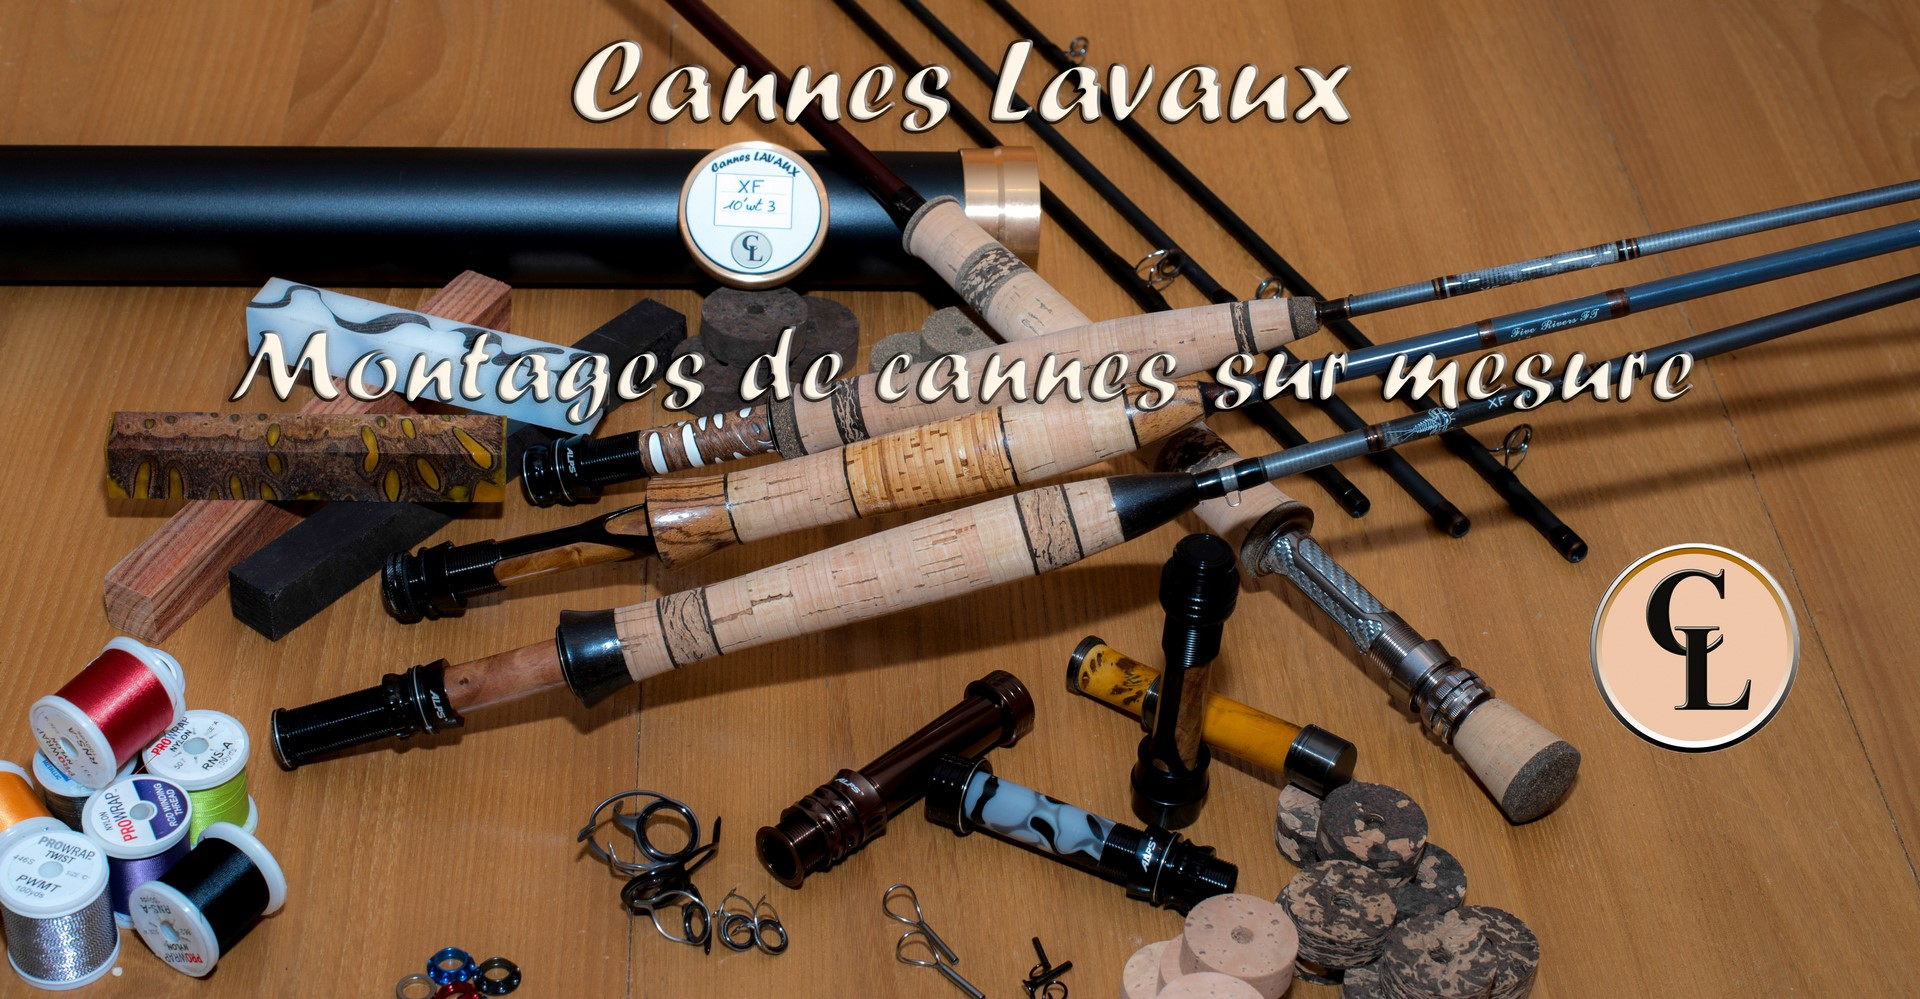 Cannes LAVAUX